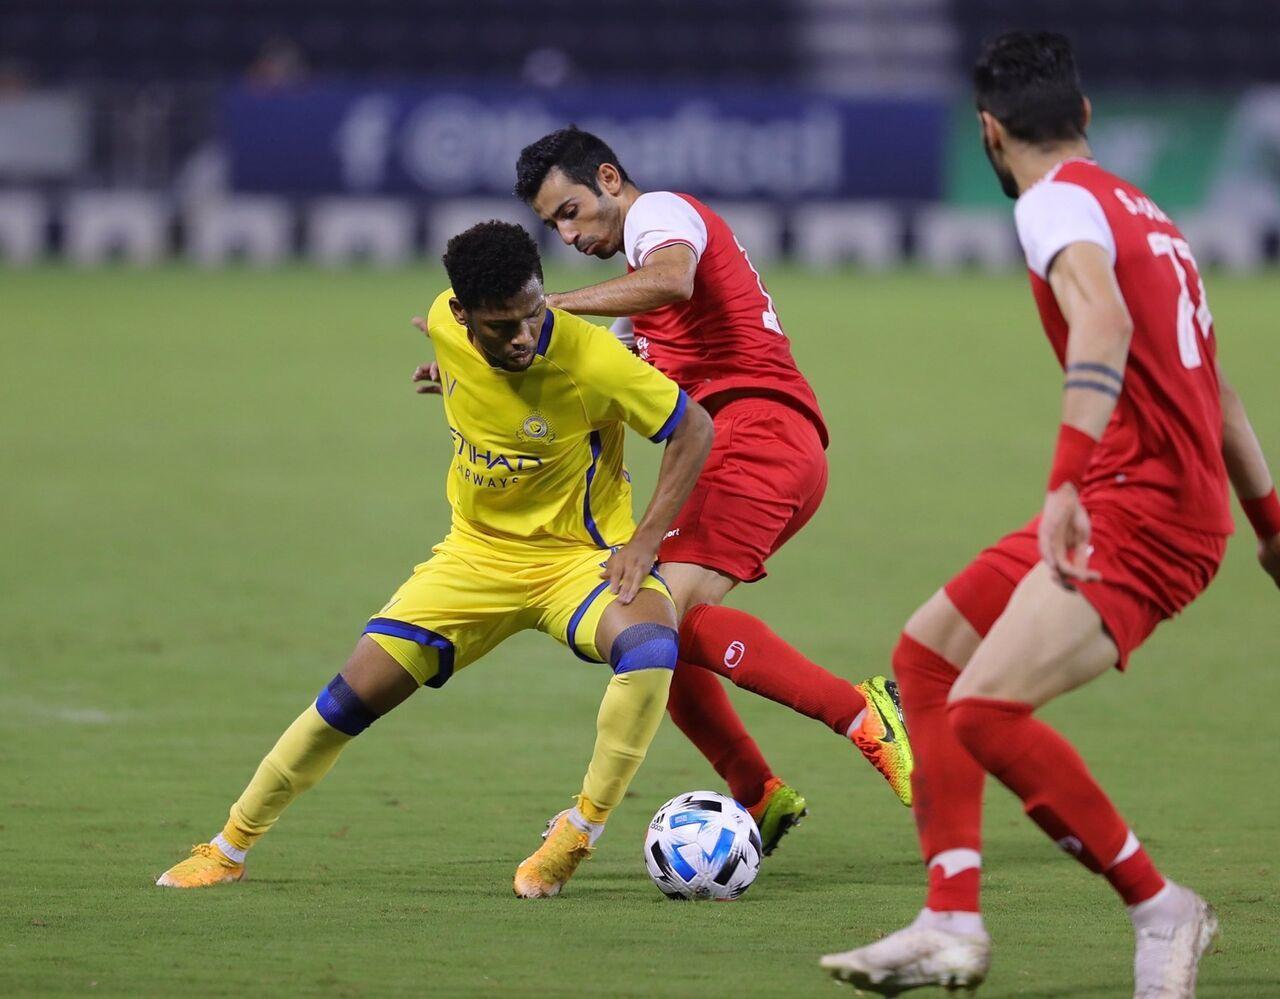 قصه ساختار معیوب و غصه دردناک تیمهای خصوصی در فوتبال ایران